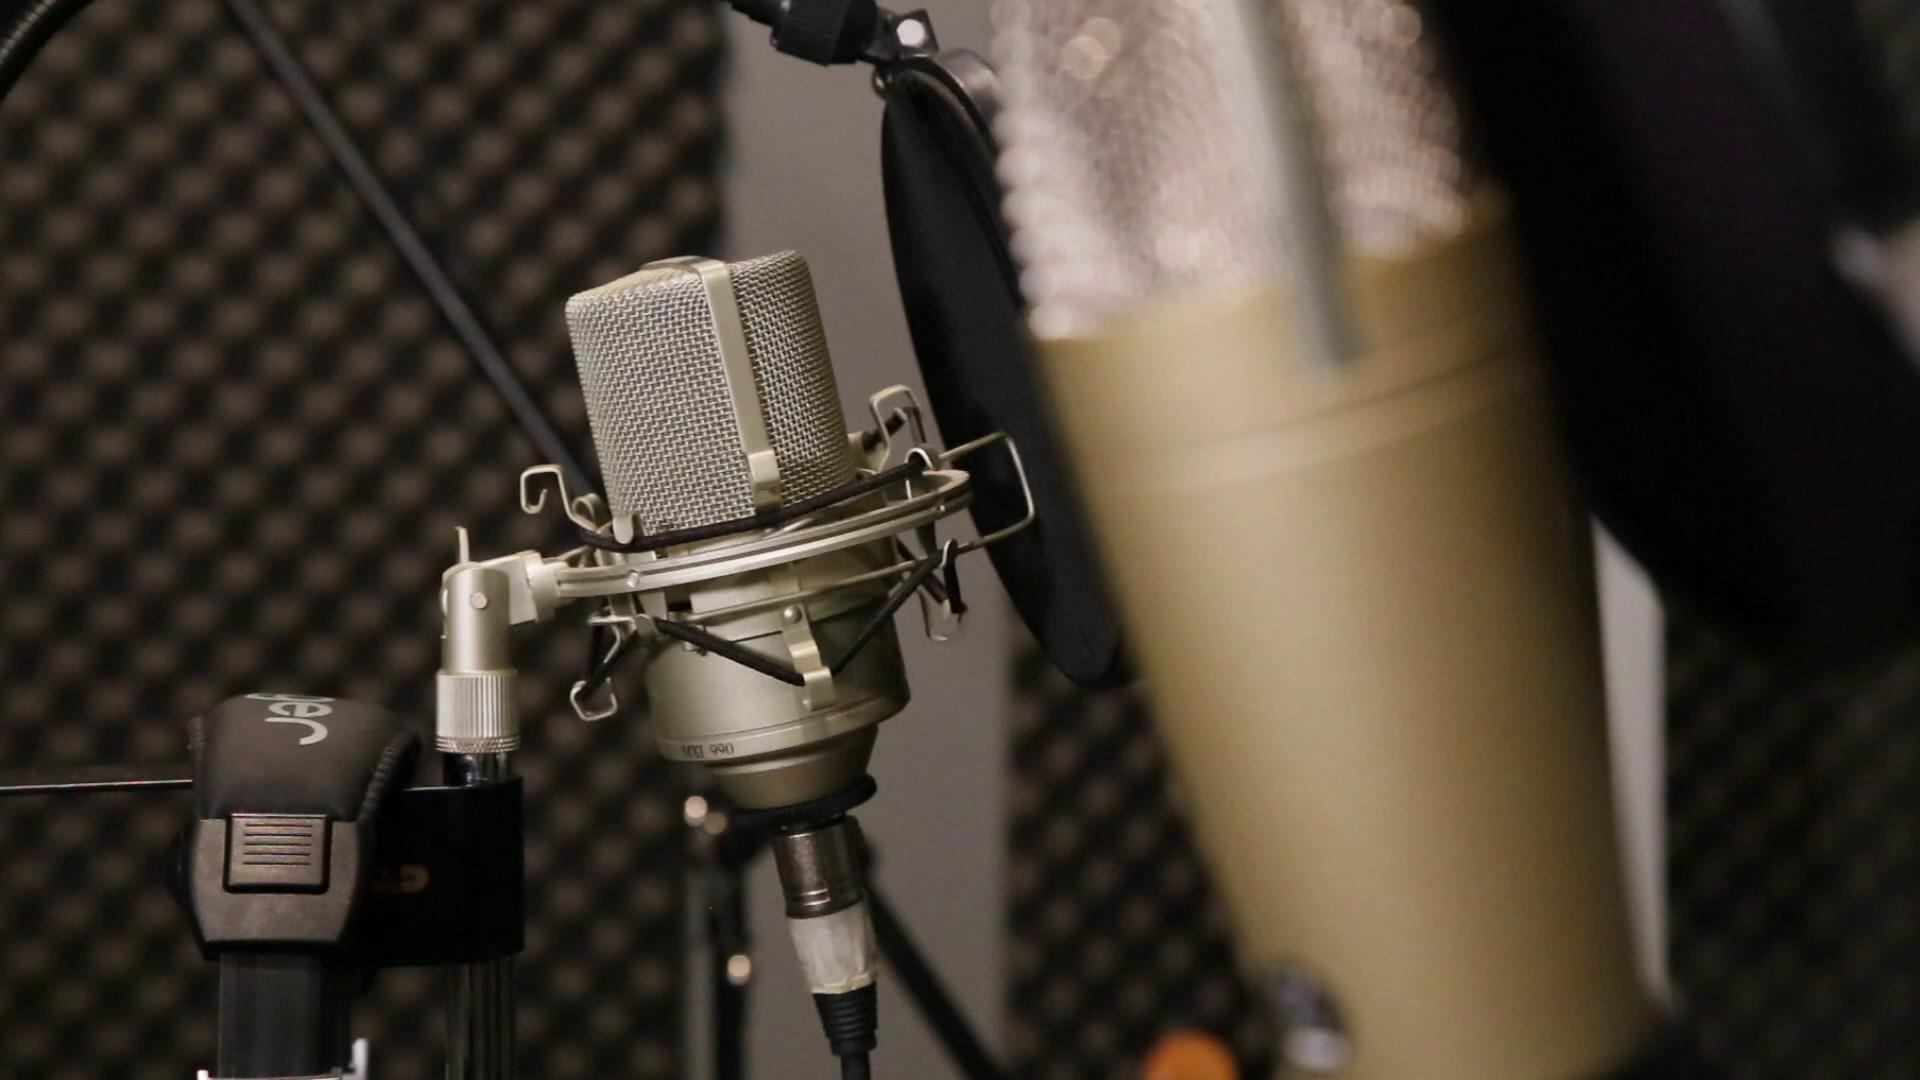 錄音室話筒麥克風近焦特寫鏡頭高清實拍